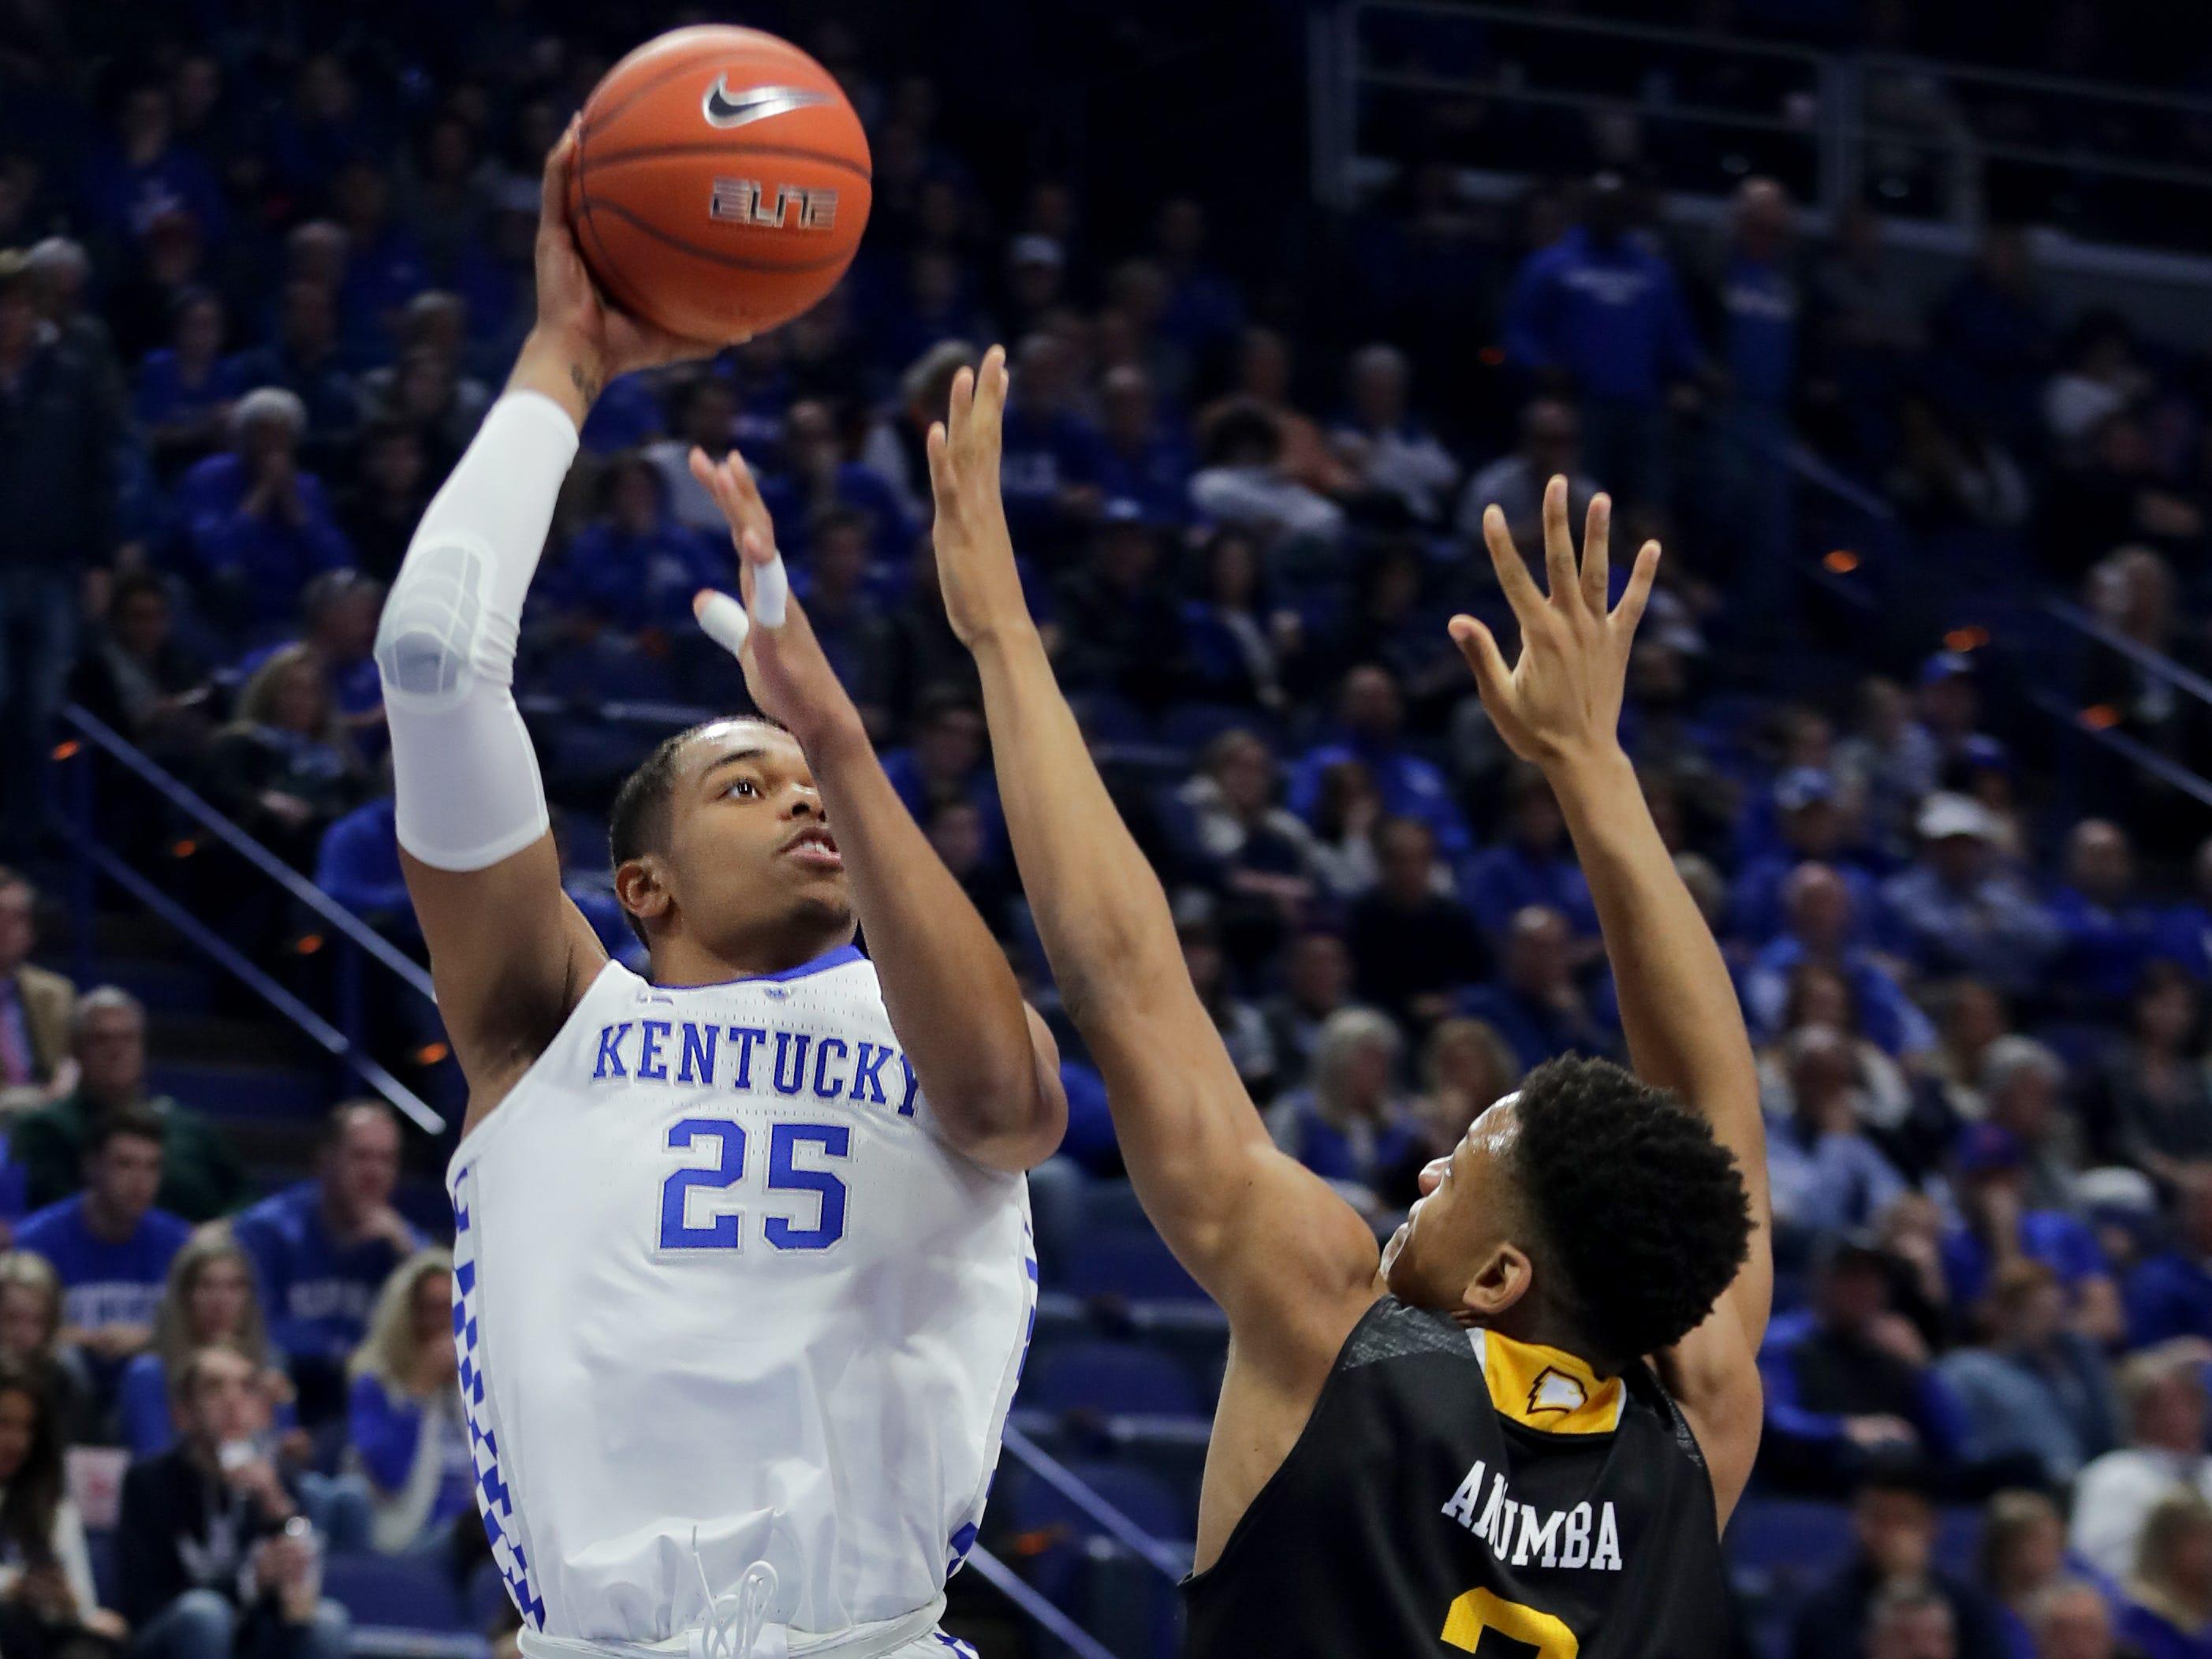 Kentucky's P.J. Washington scores over Winthrop's Michael Anumba. Nov. 21, 2018